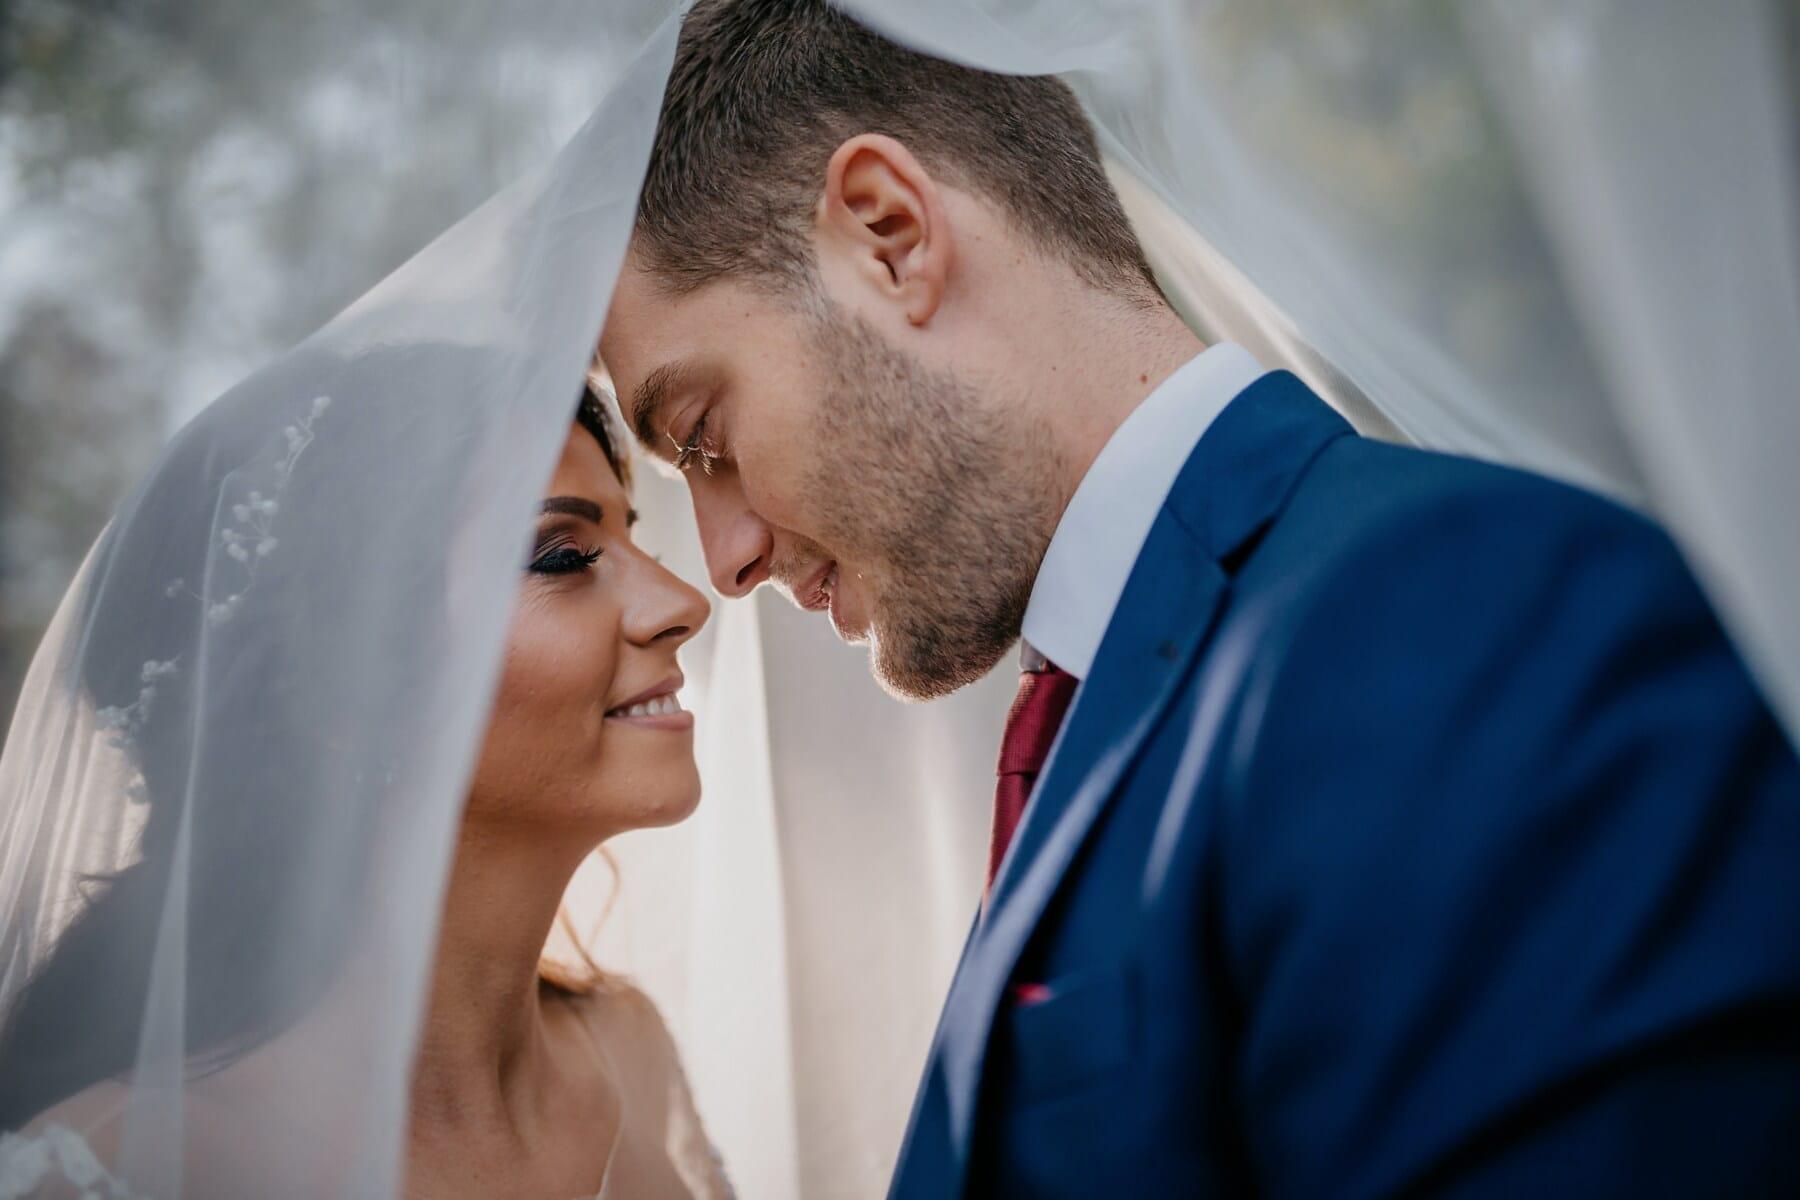 baard, bruidegom, kus, bruid, onder, emotie, sluier, trouwjurk, persoon, bruiloft